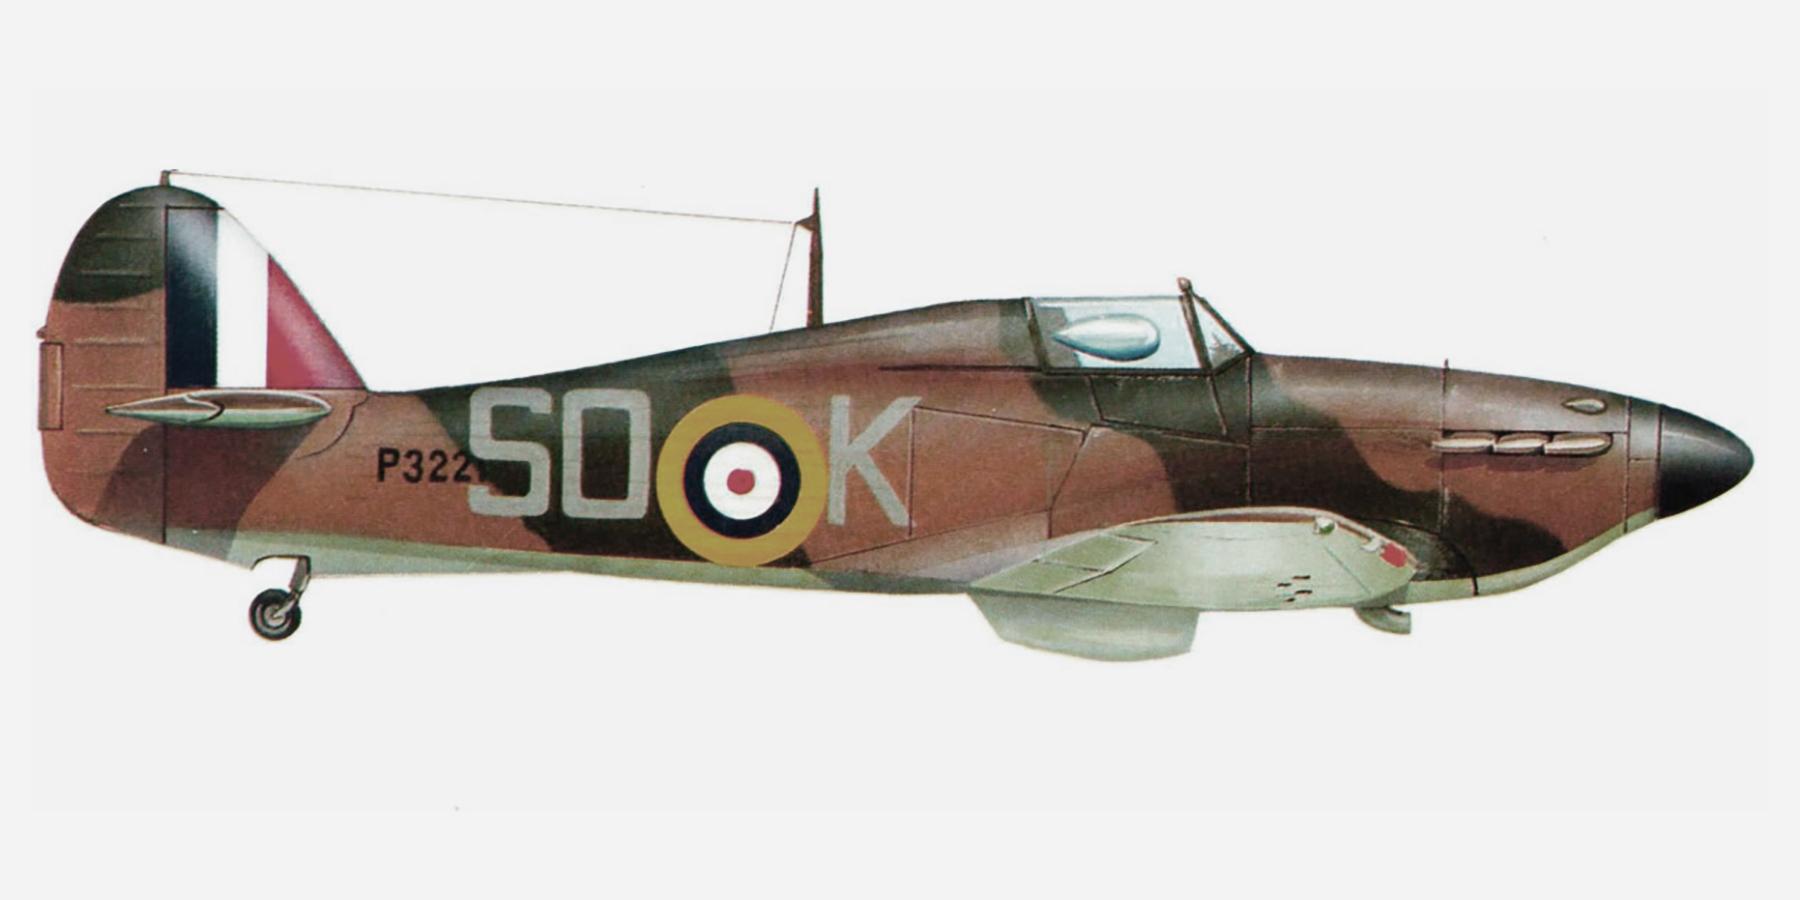 Hurricane I RAF 145Sqn SOK Adrian Boyd P3223 England 1940 0A